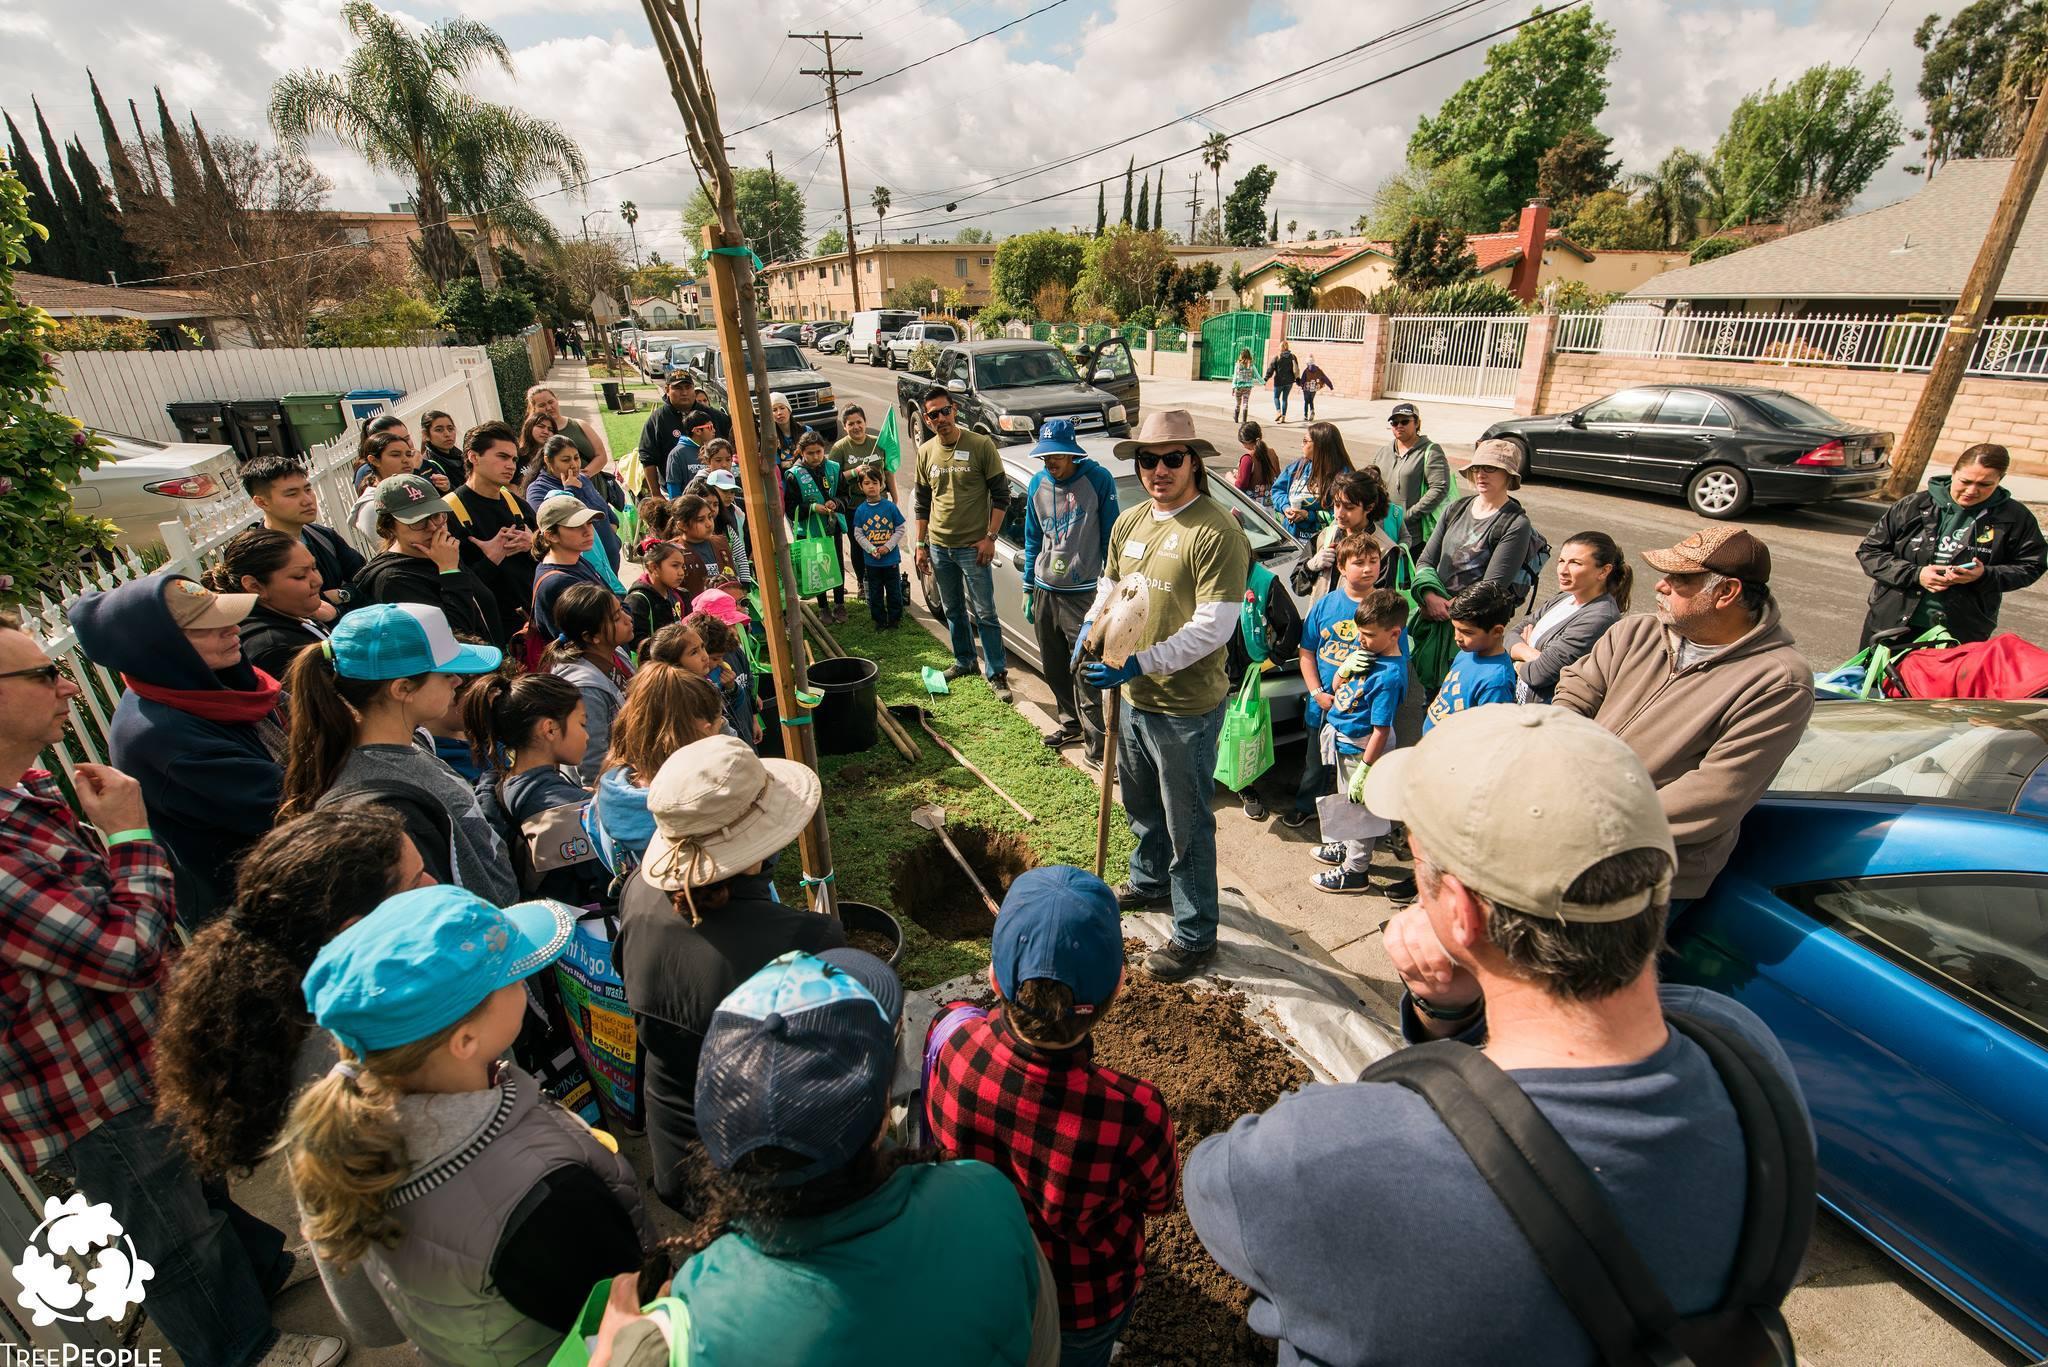 TreePeople Volunteers